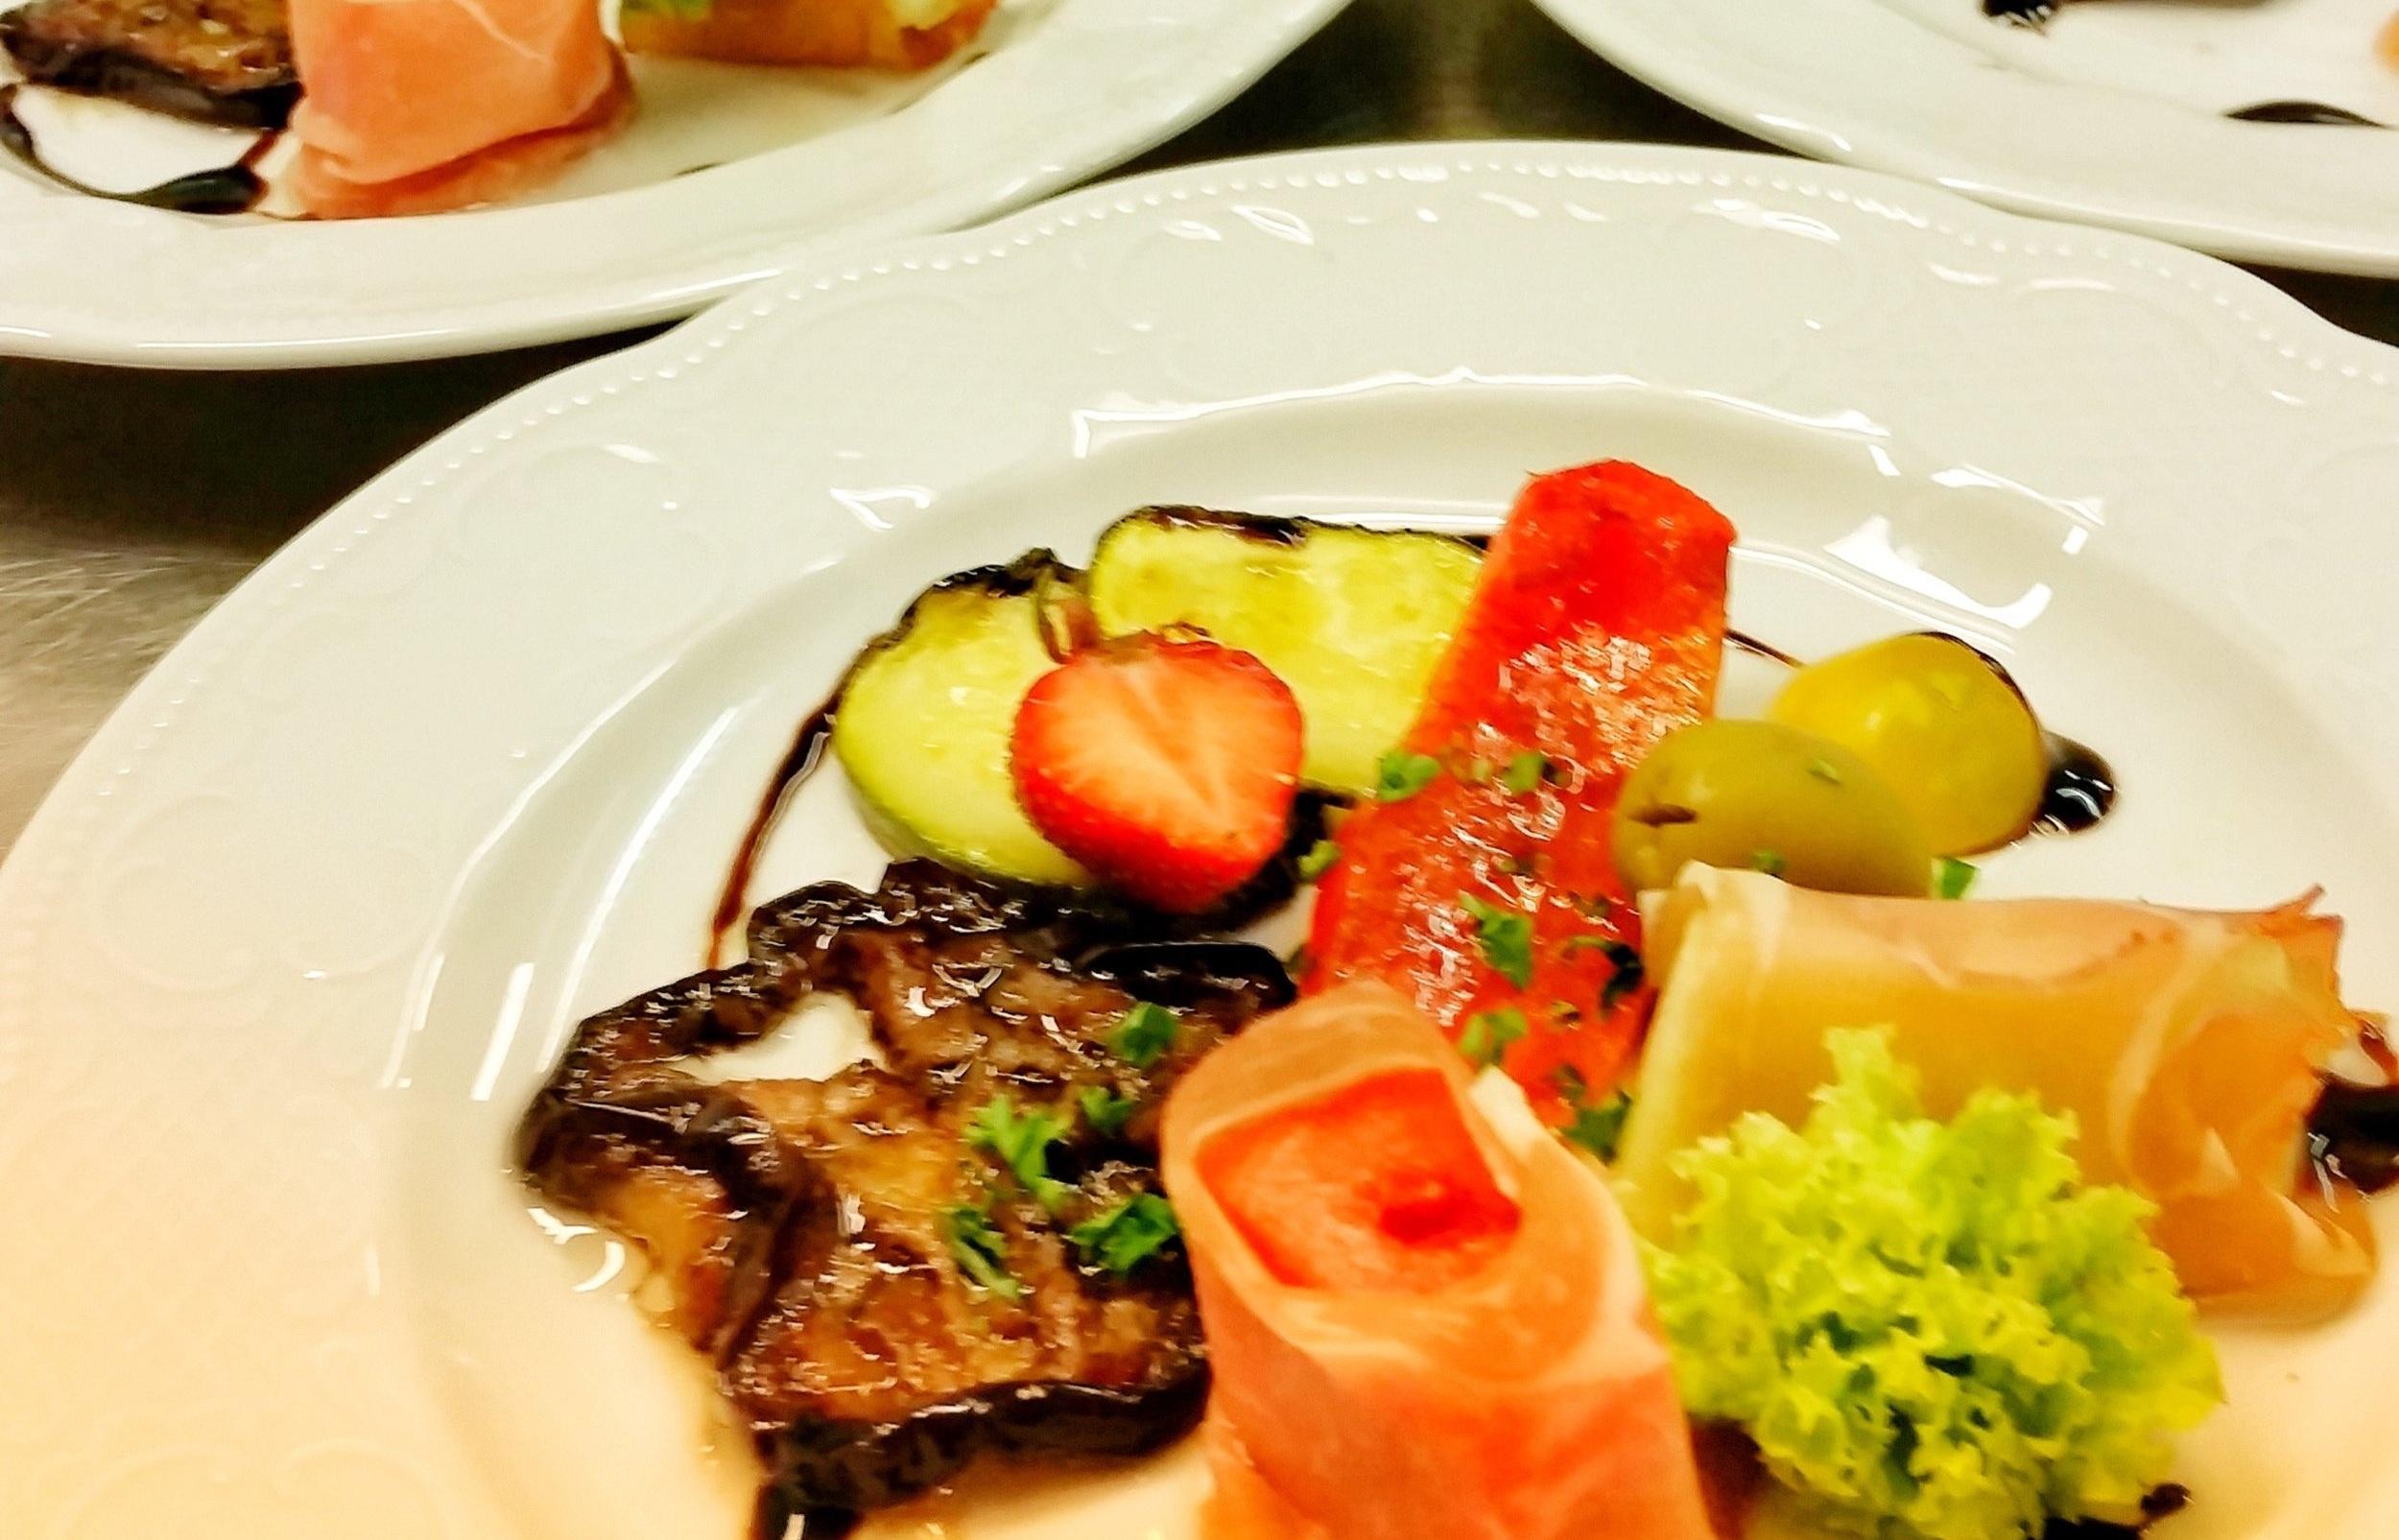 - Köstliches aus der Region - unsere Speisekarte